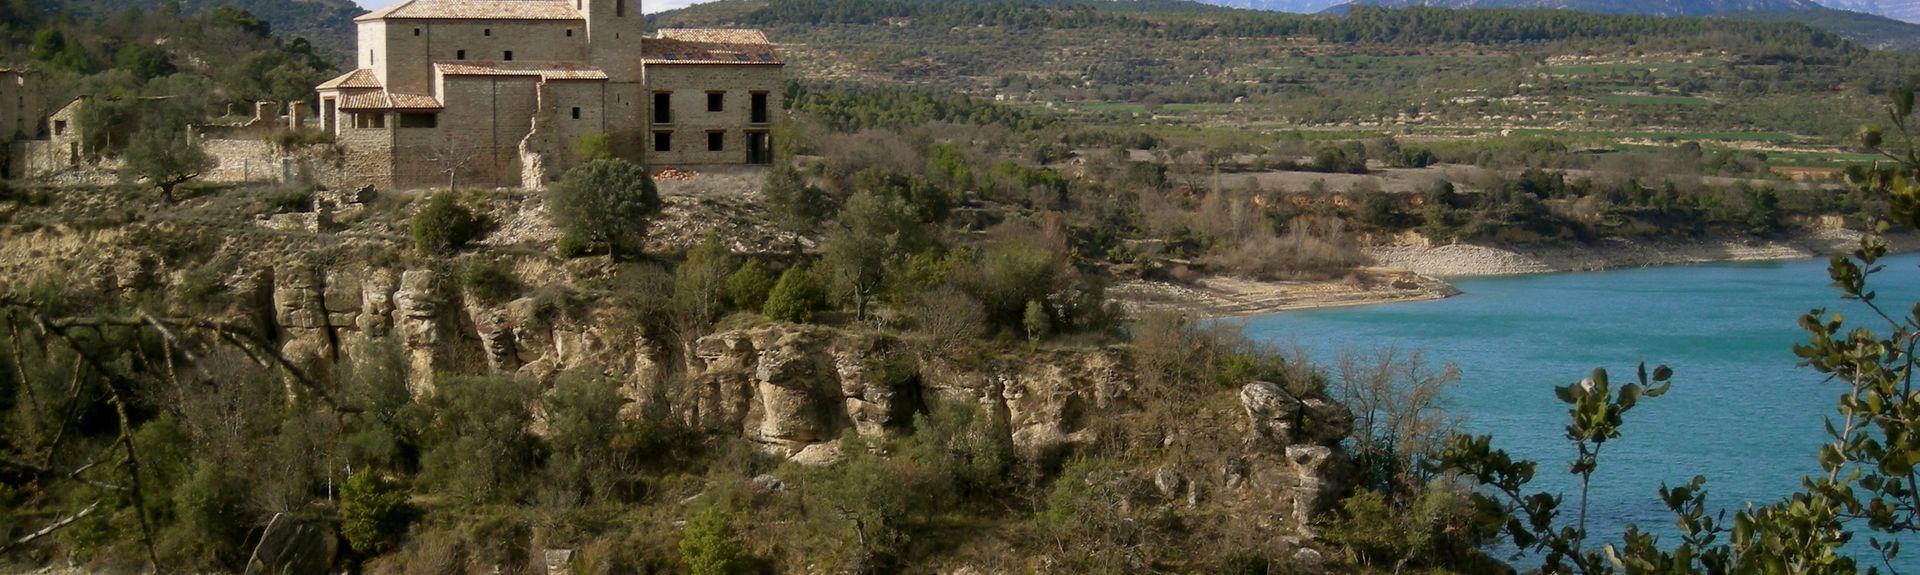 La Ribagorza, Aragón, España